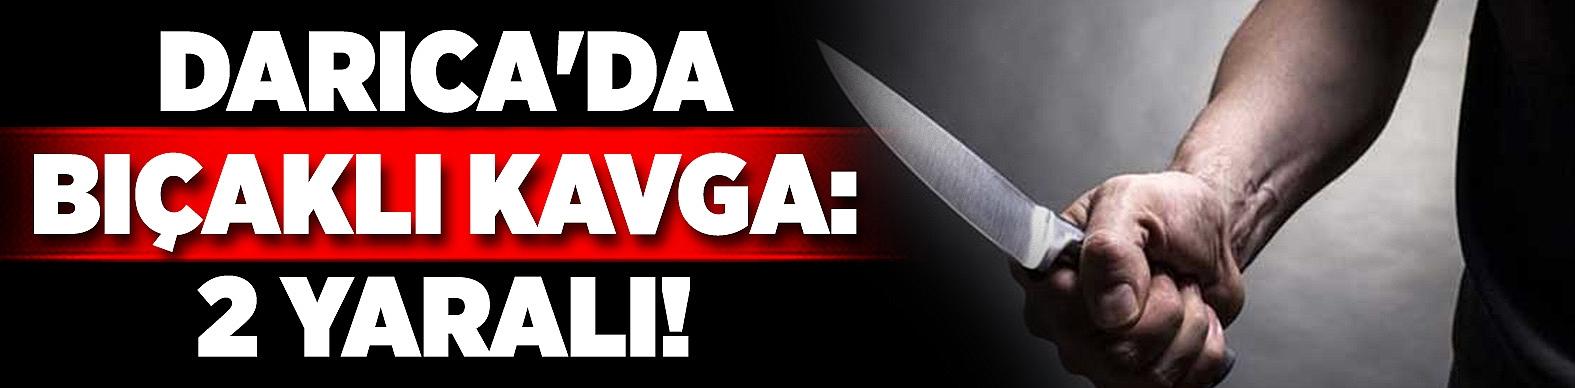 Darıca'da bıçaklı kavga: 2 yaralı!